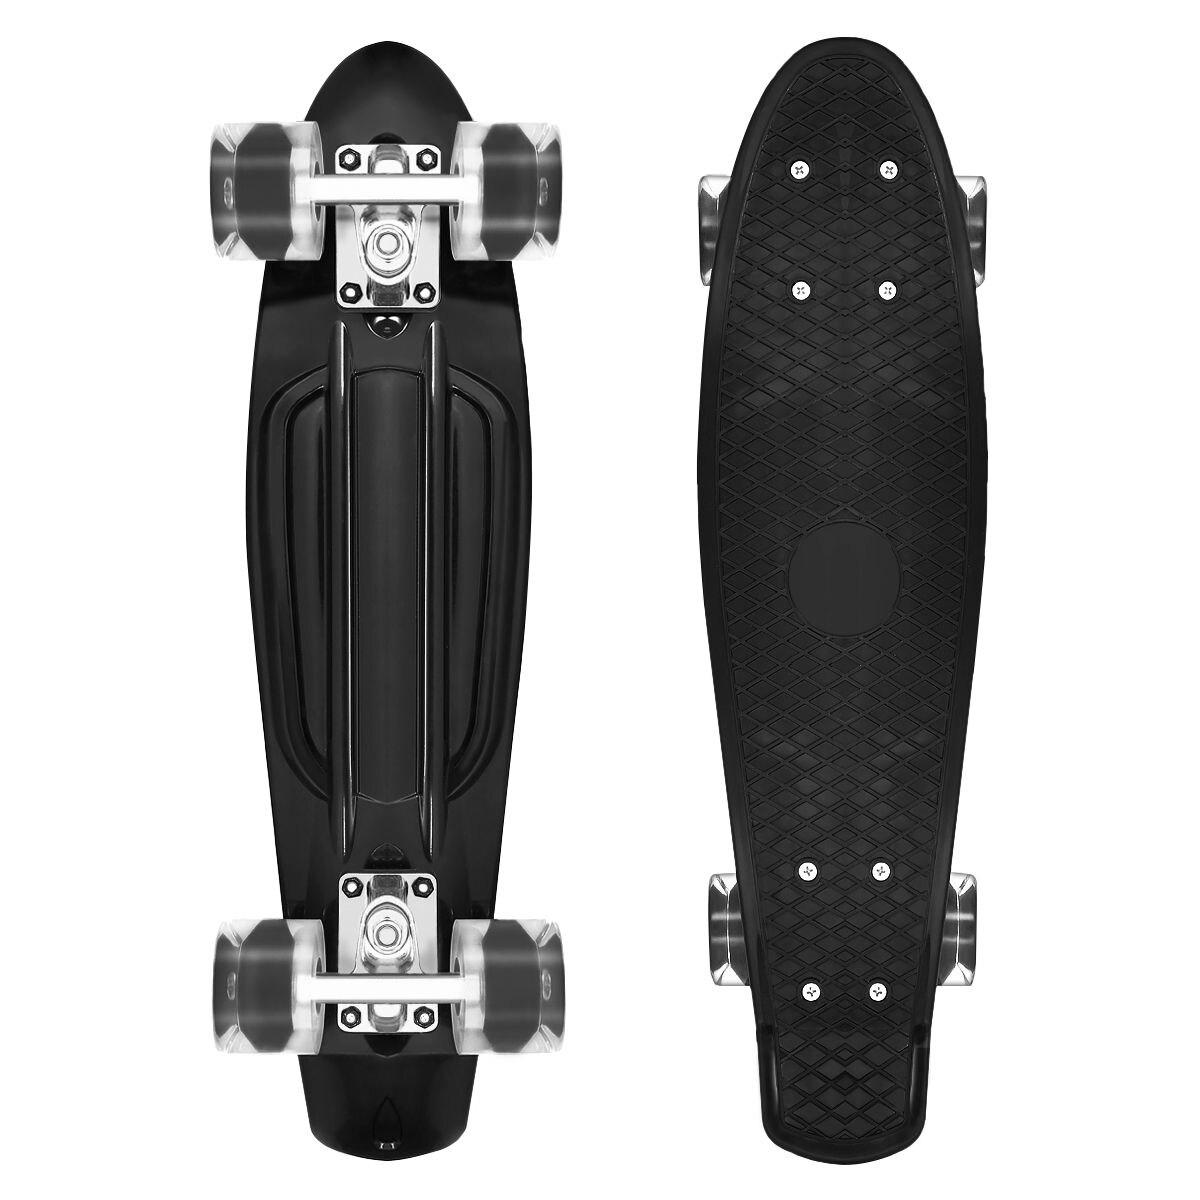 22 pouces Mini planche à roulettes en plastique planche à roulettes roue en polyuréthane avec LED lumières Cruiser complet Skateboard Sports enfants enfants cadeaux unisexe